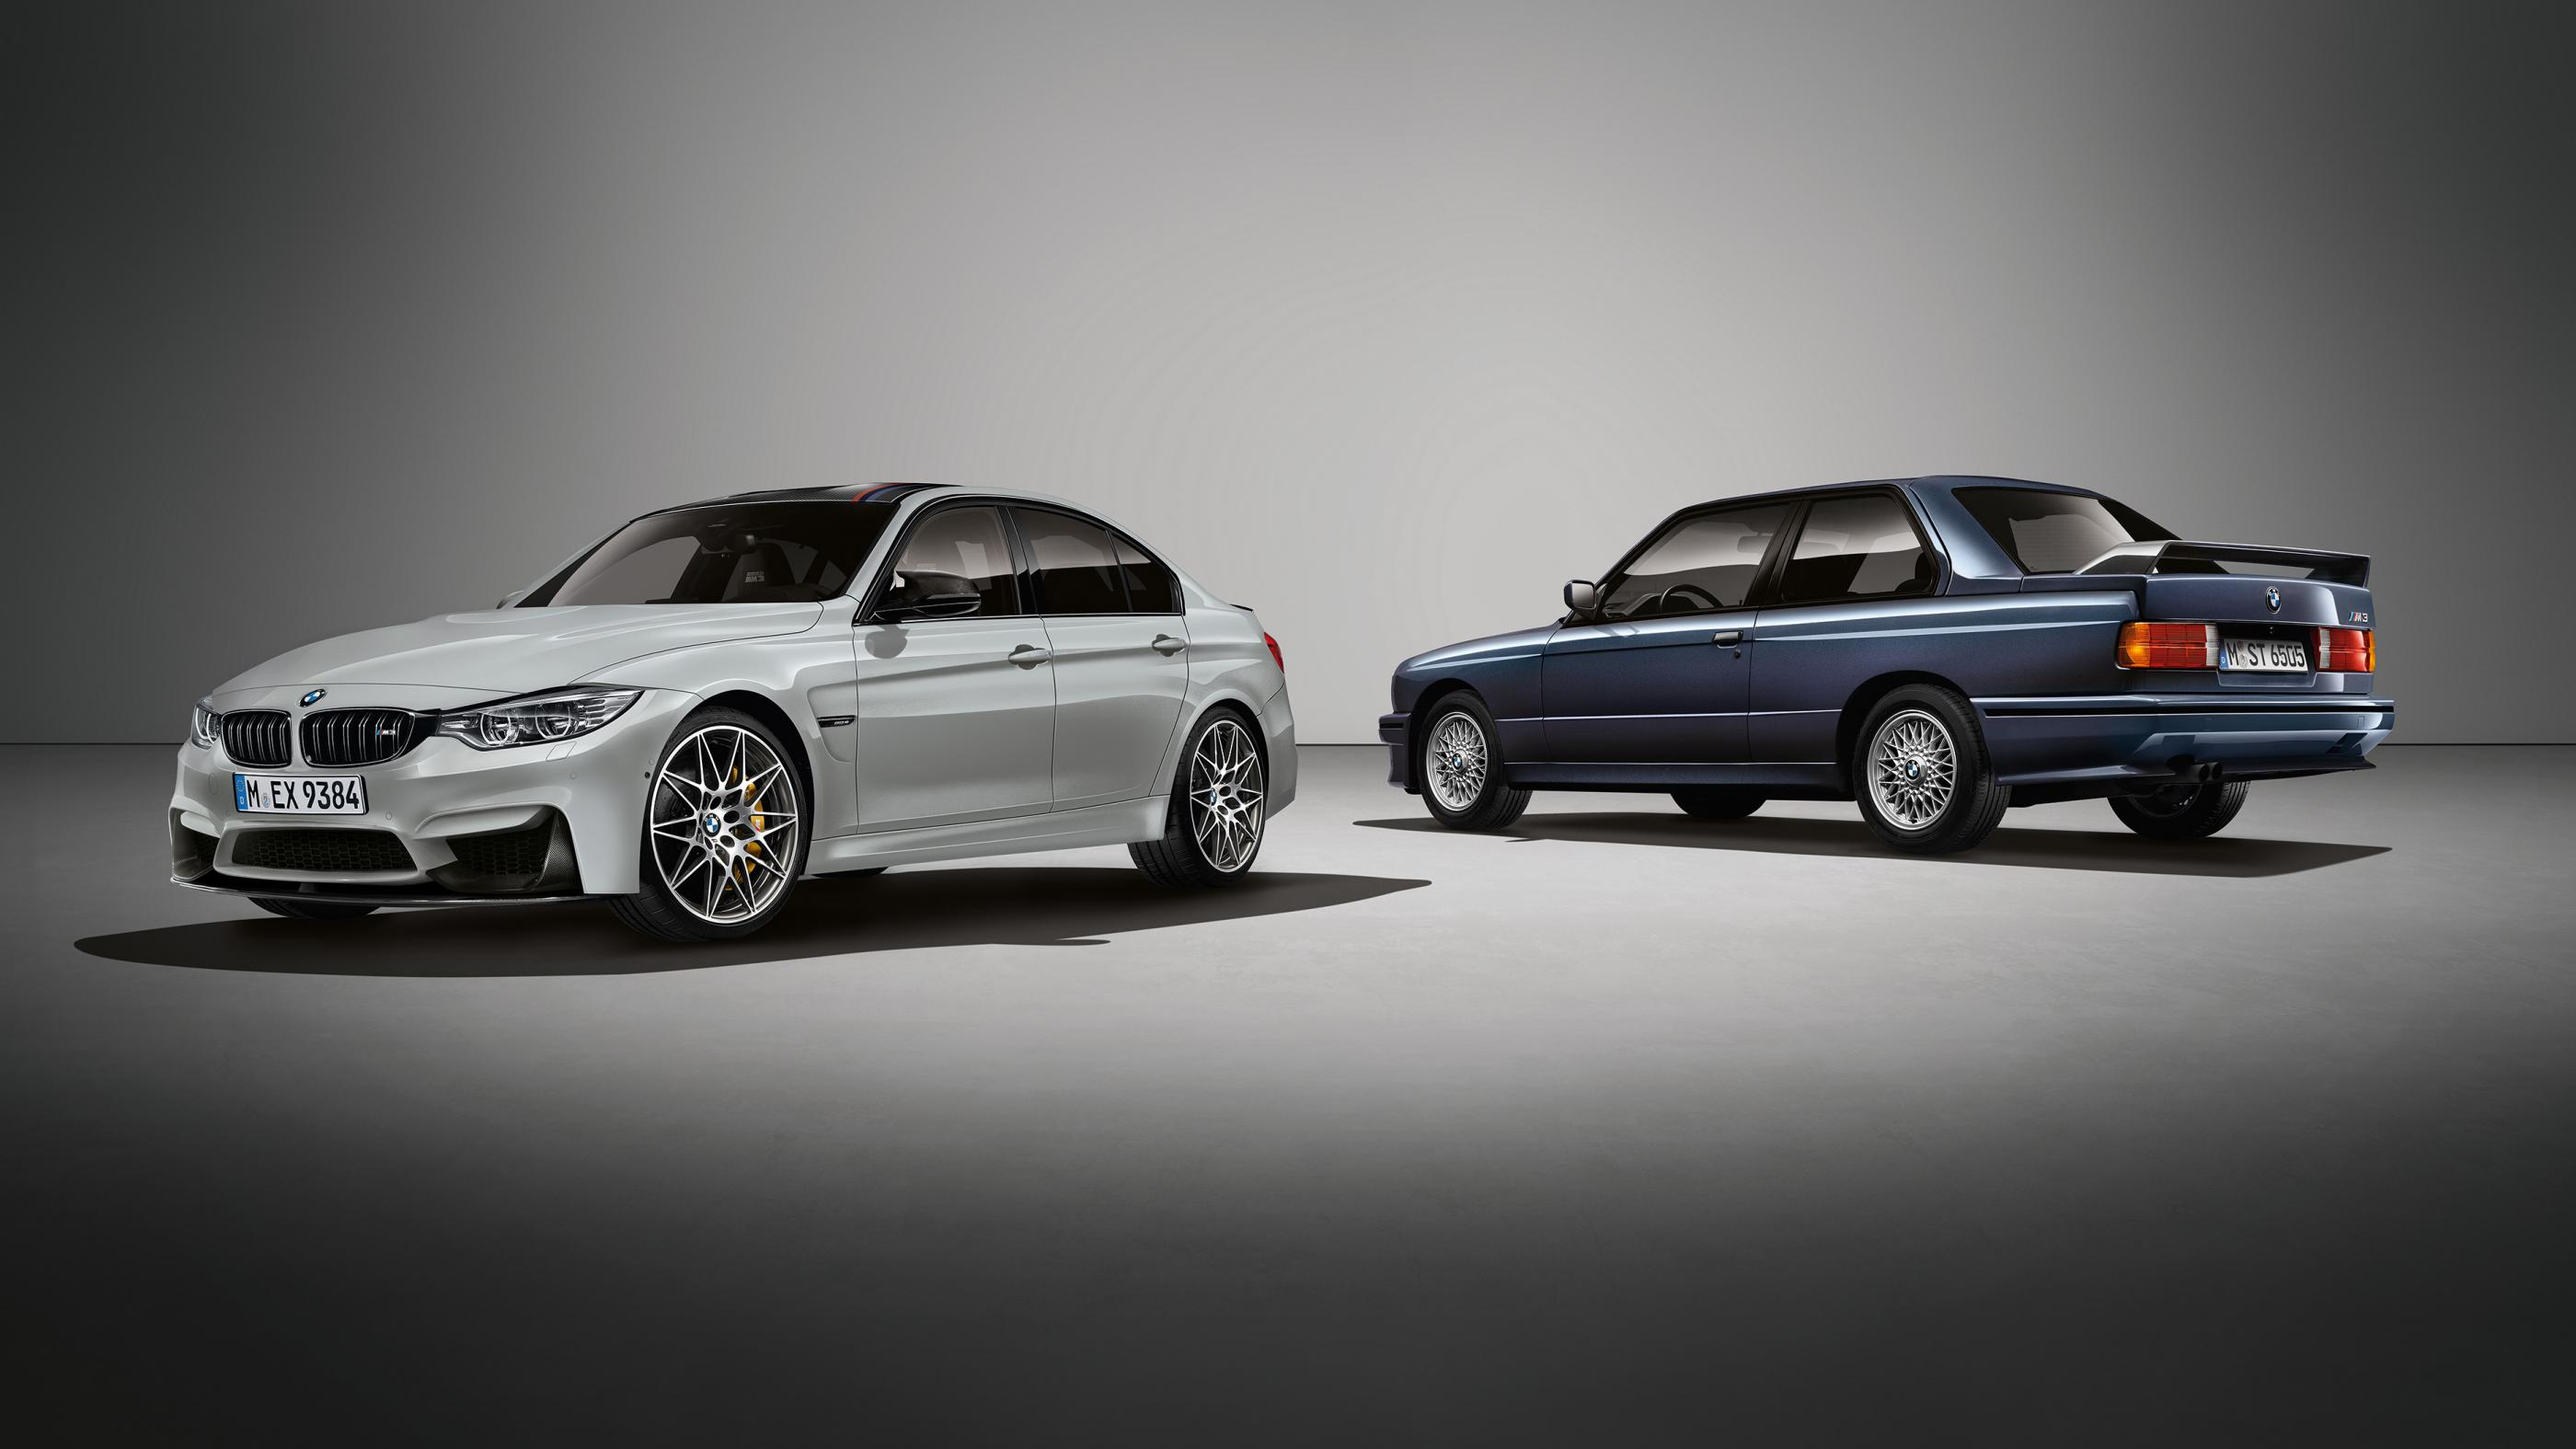 BMW M3 '30 Jahre': 500 unidades para celebrar el 30 aniversario 1